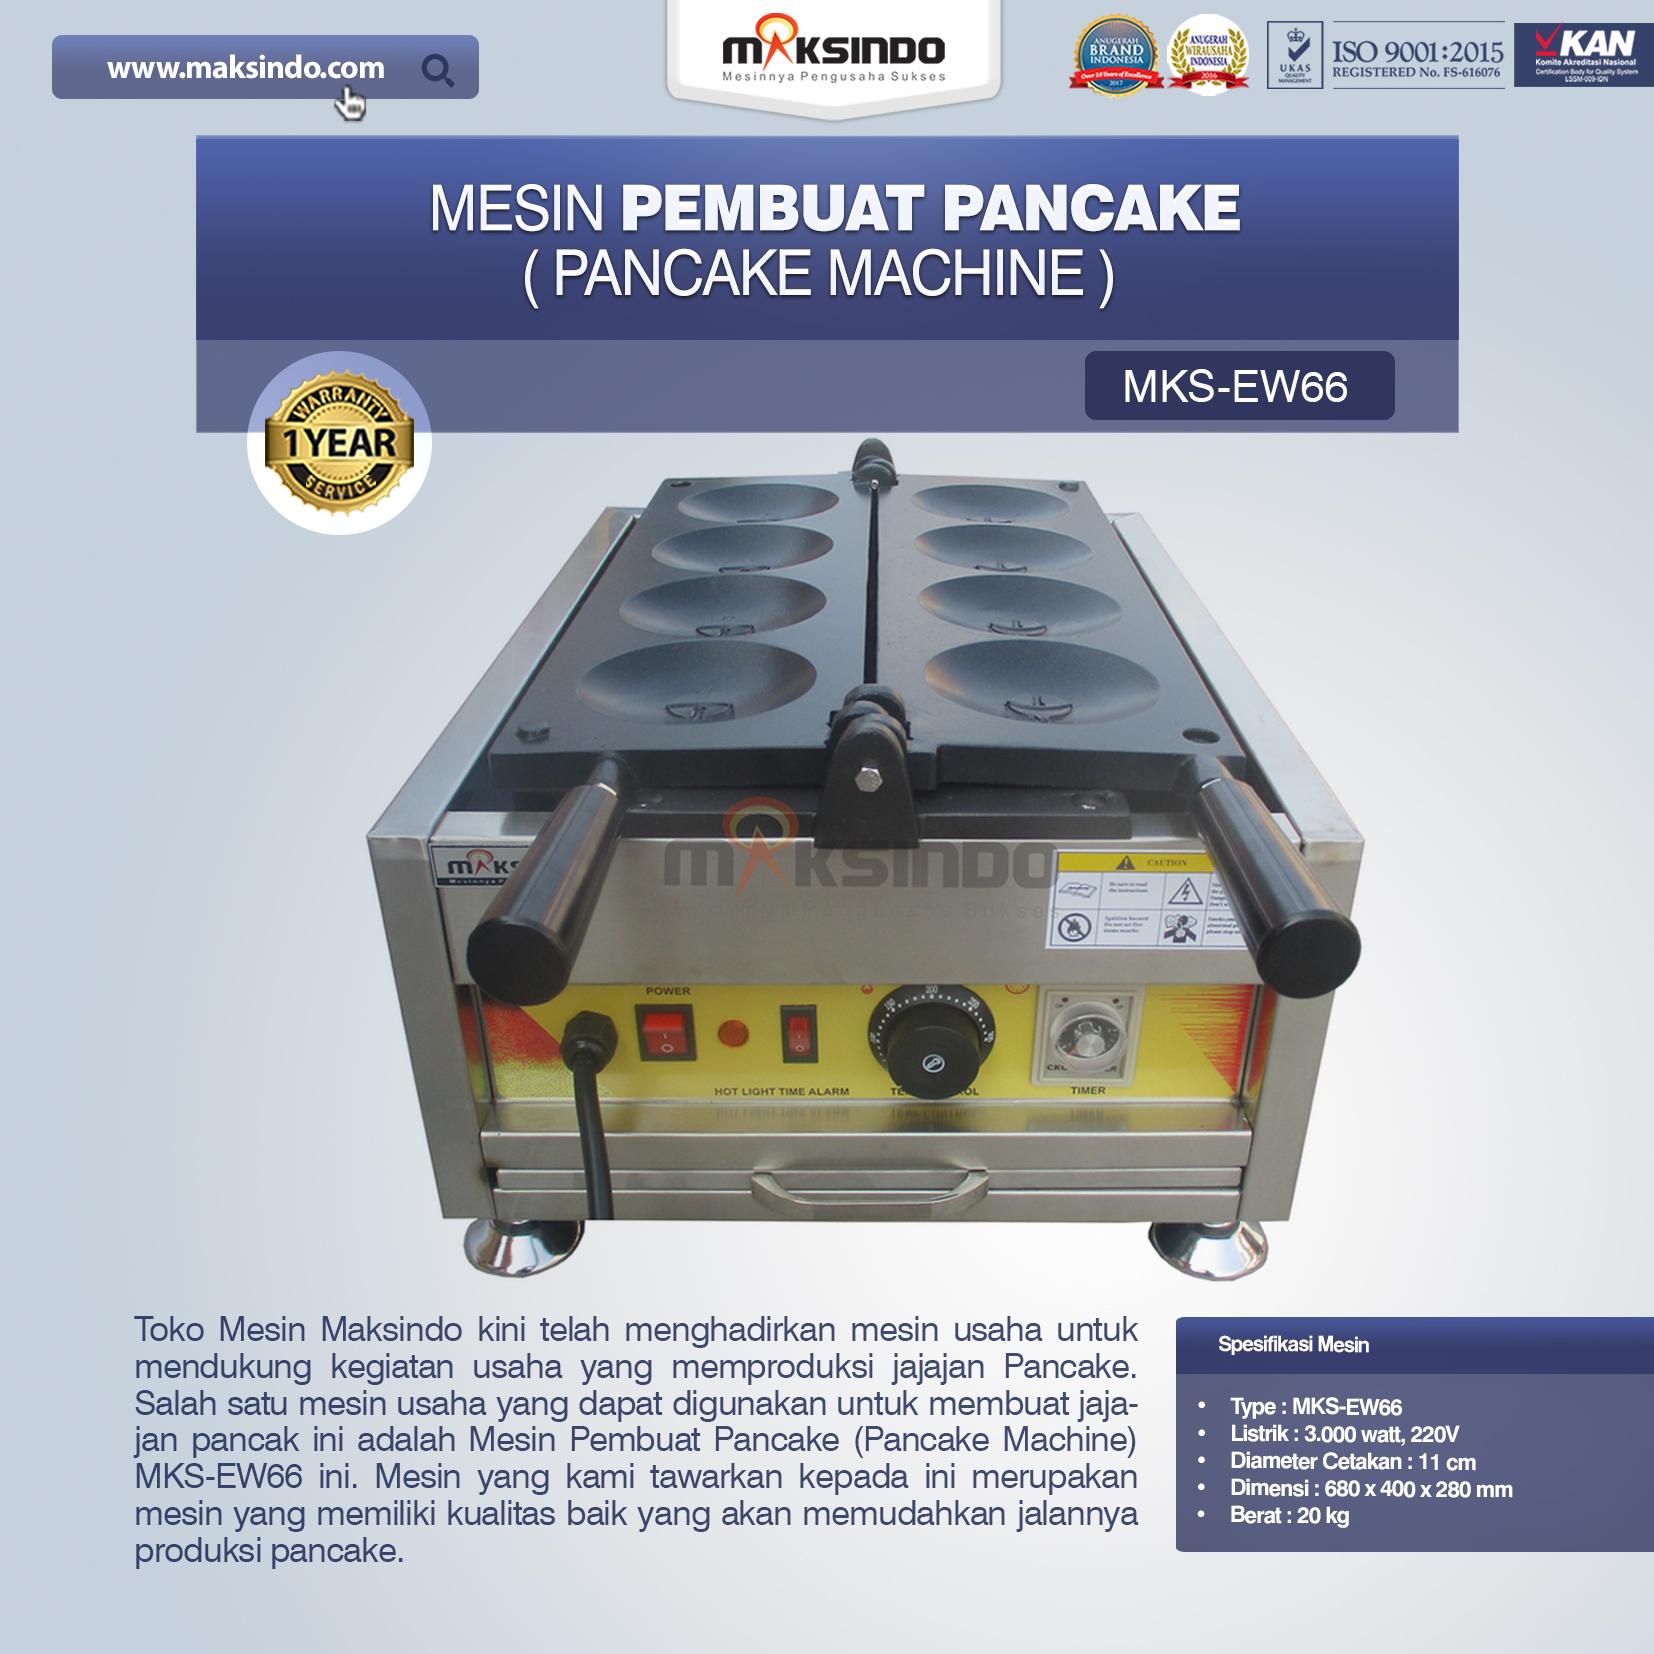 Jual Mesin Pembuat Pancake (Pancake Machine) MKS-EW66 di Medan